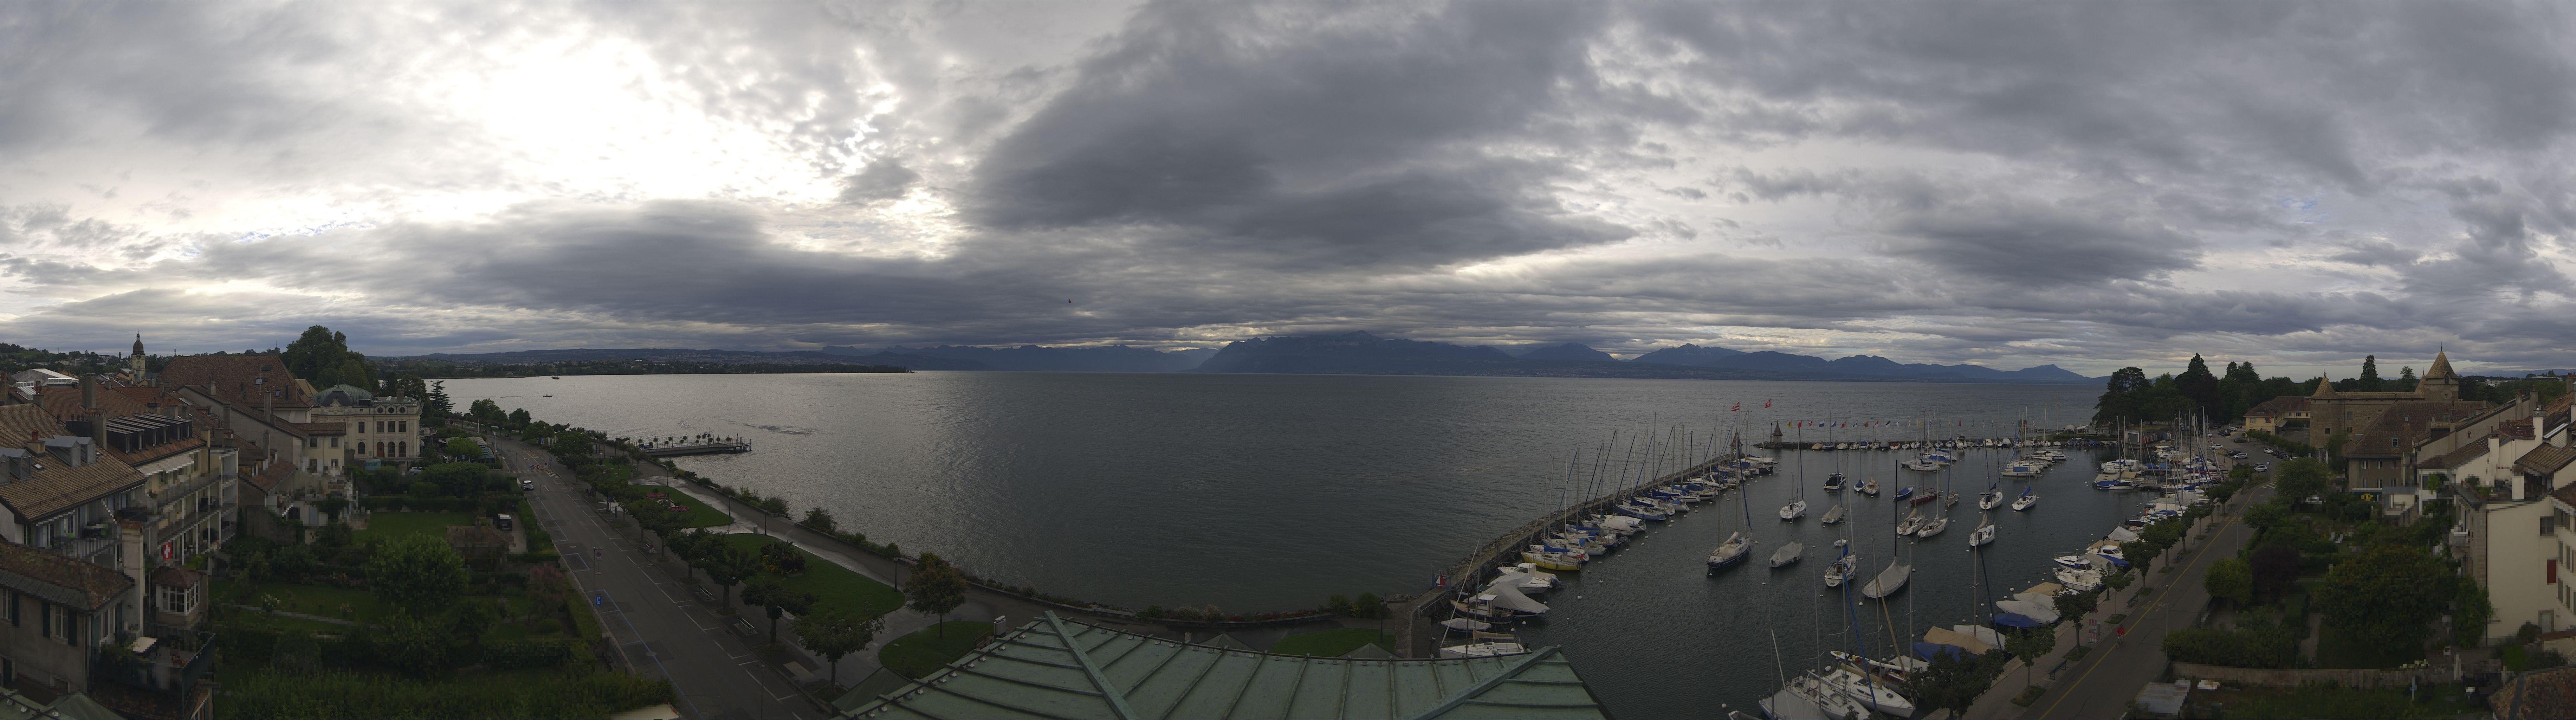 Wetter 29643